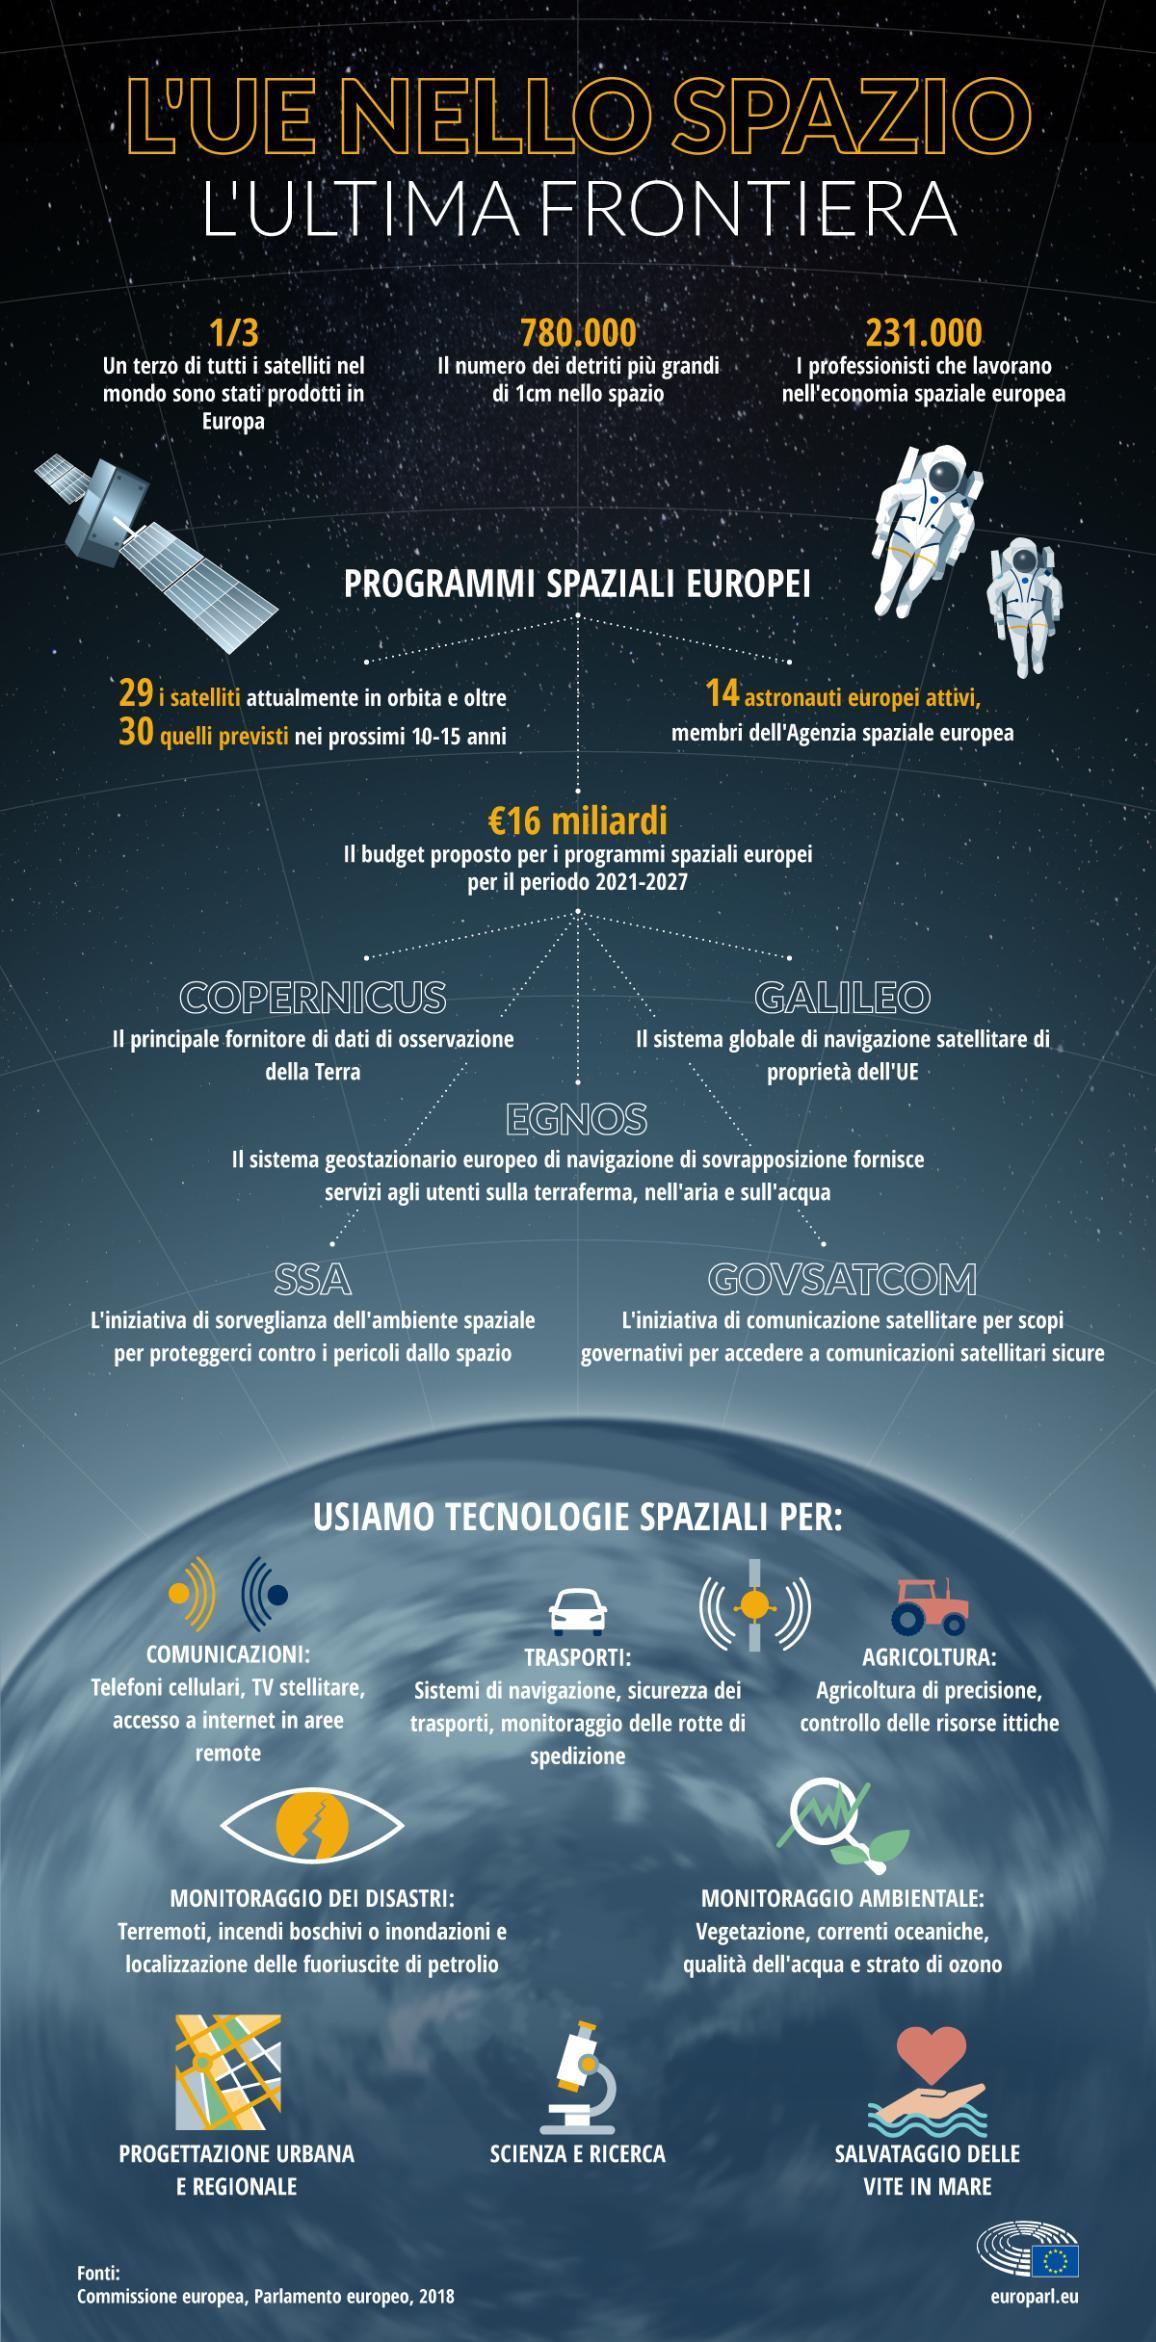 L'infografica mostra come e quanto l'Europa è impegnata nel settore spaziale, i programmi attivi e come questi hanno ripercussioni nella vita di tutti i giorni